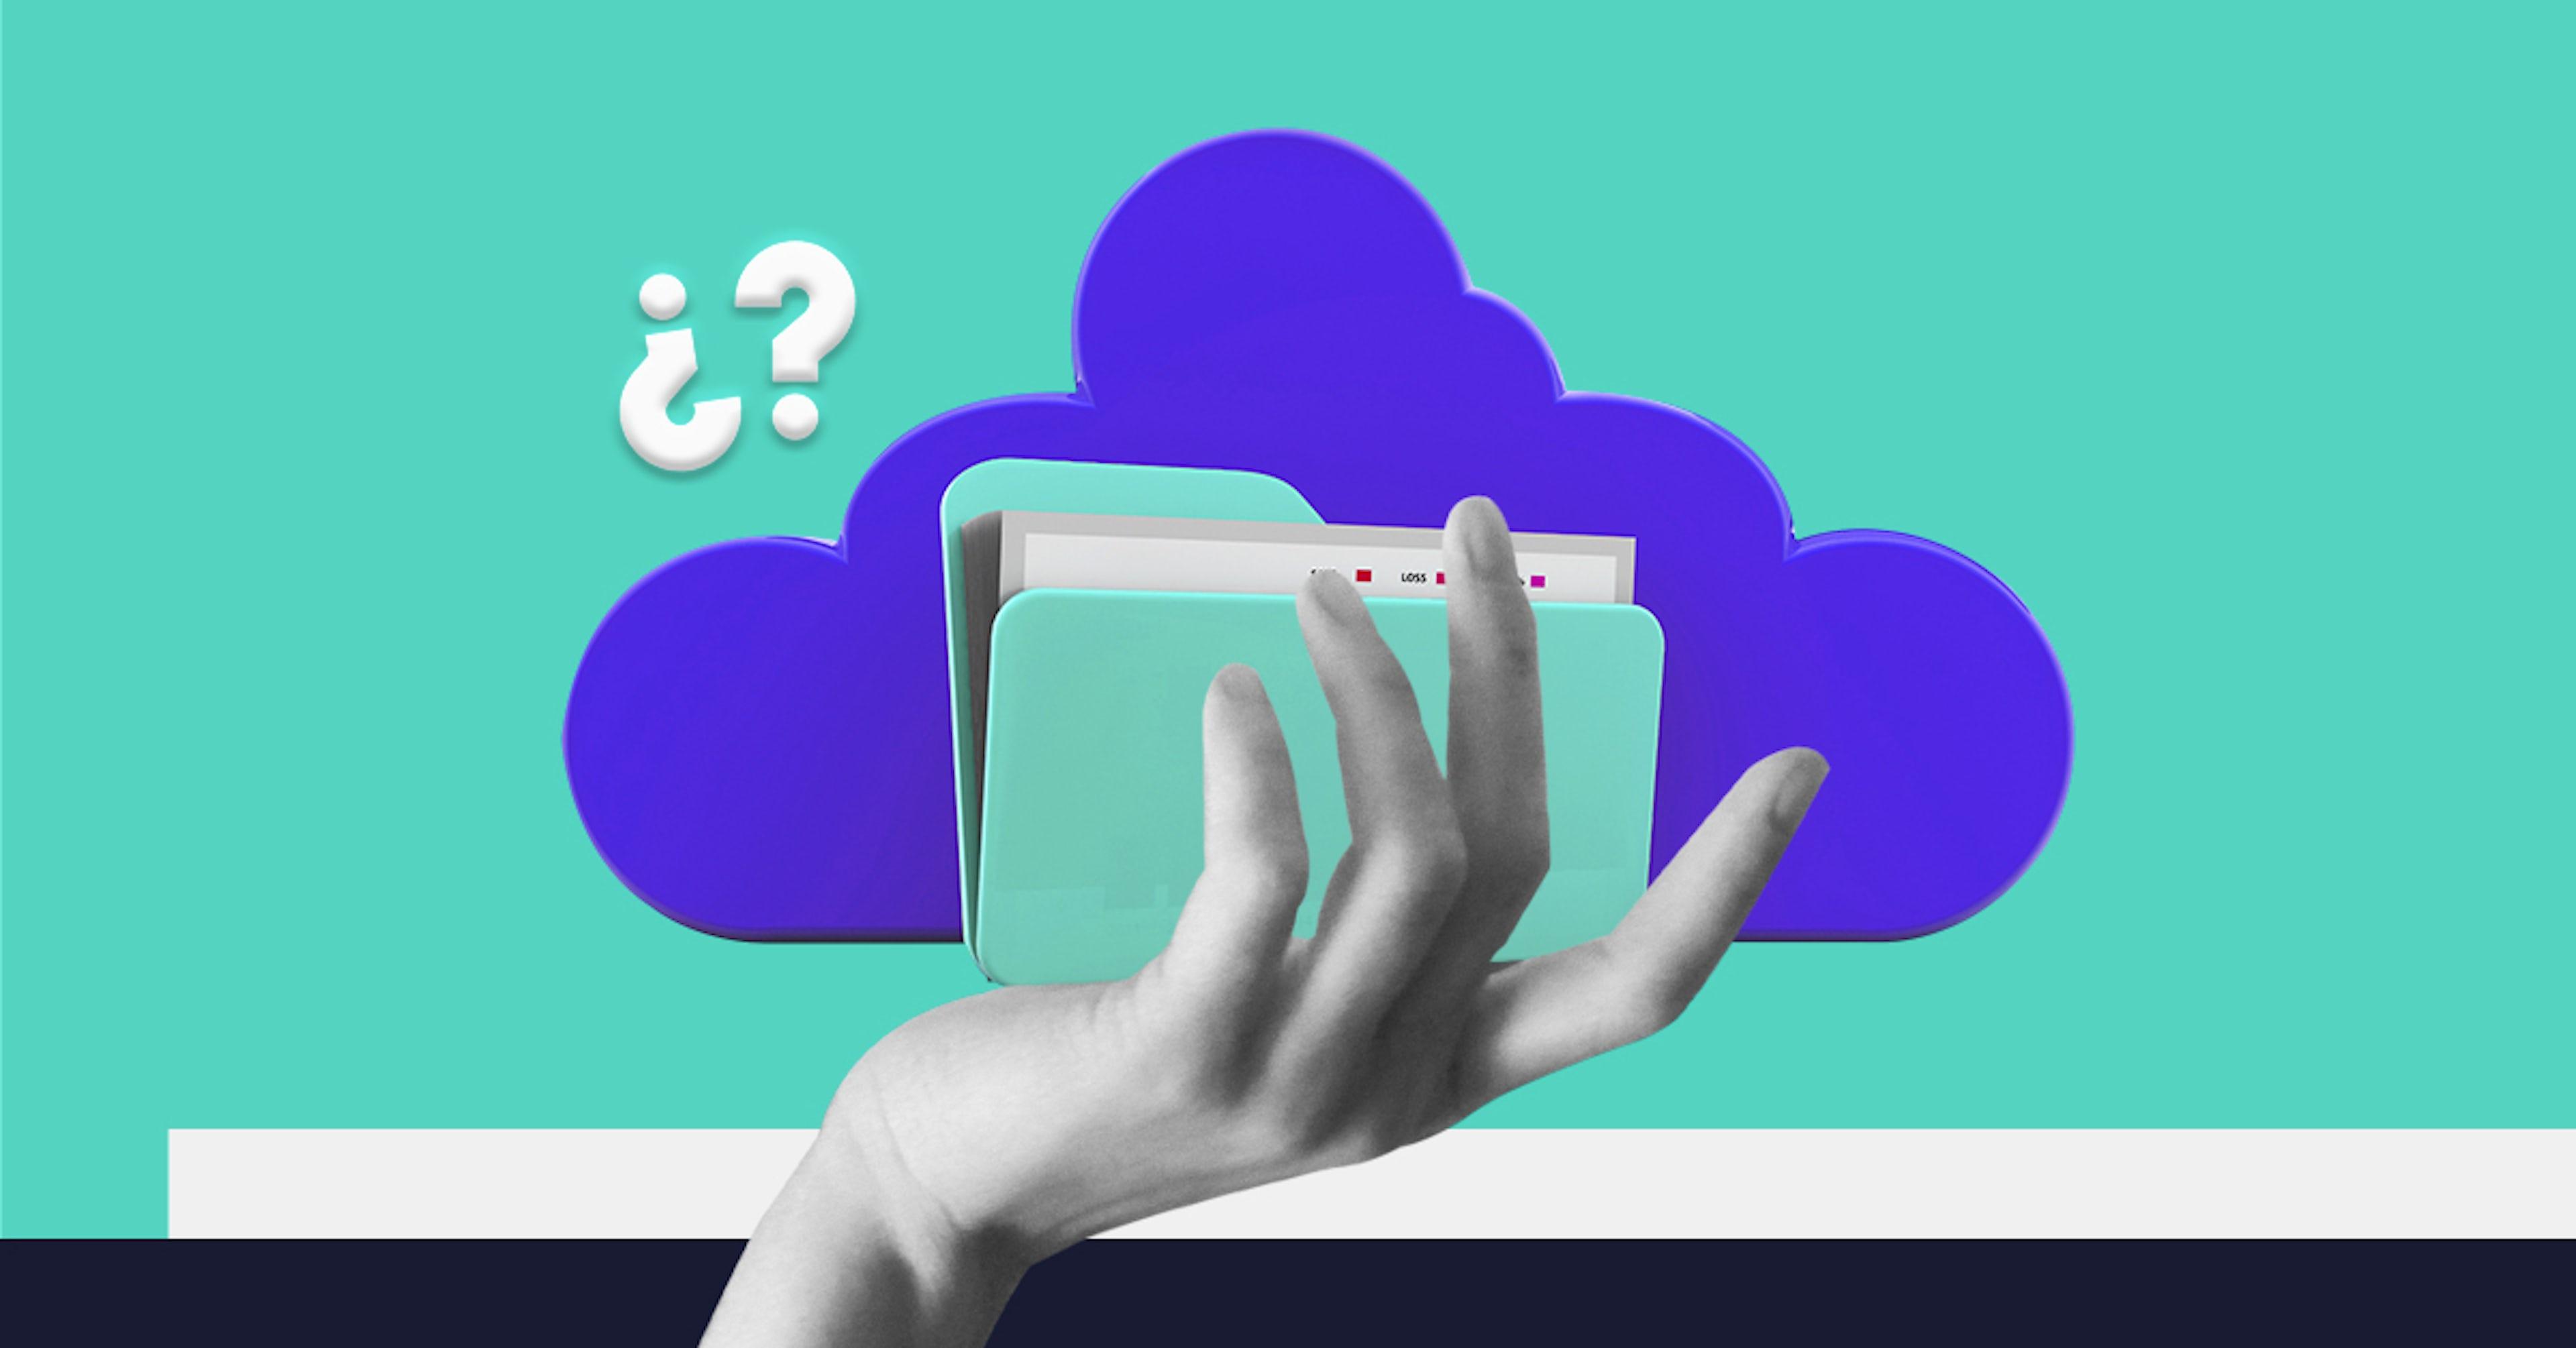 ¿Cómo funciona una base de datos en la nube? Empieza hoy a revolucionar tu negocio